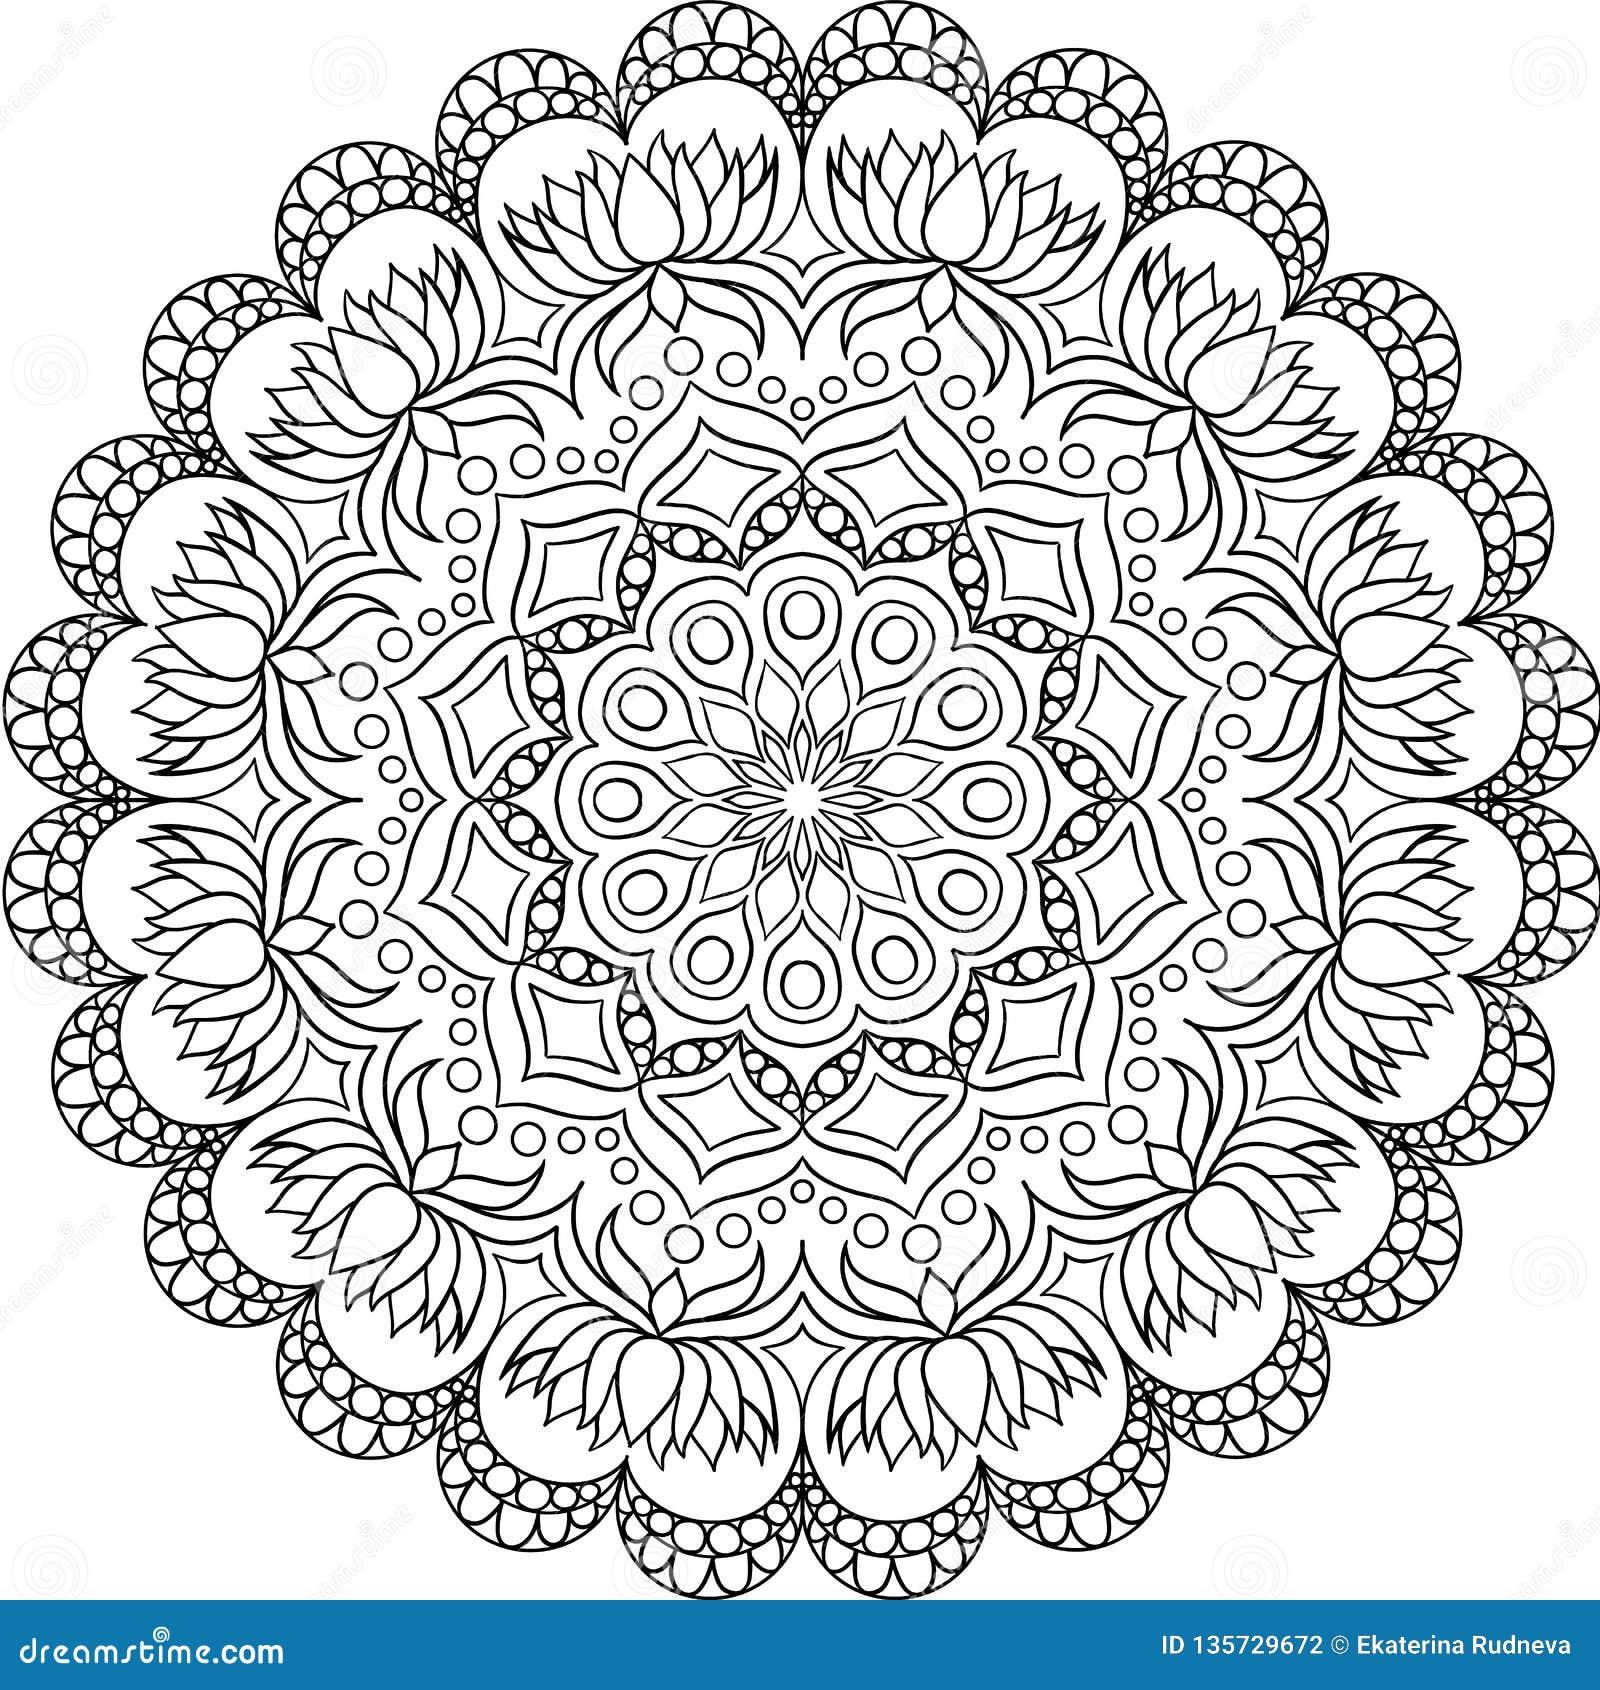 Kurenda wzór w formie mandala dla henny, Mehndi, tatuaż, dekoracja